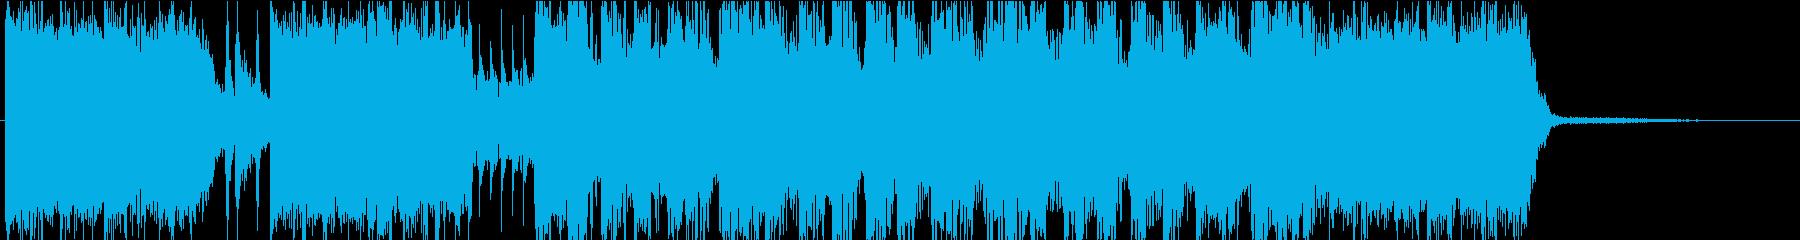 ロックンロール・楽しい・ジングルの再生済みの波形